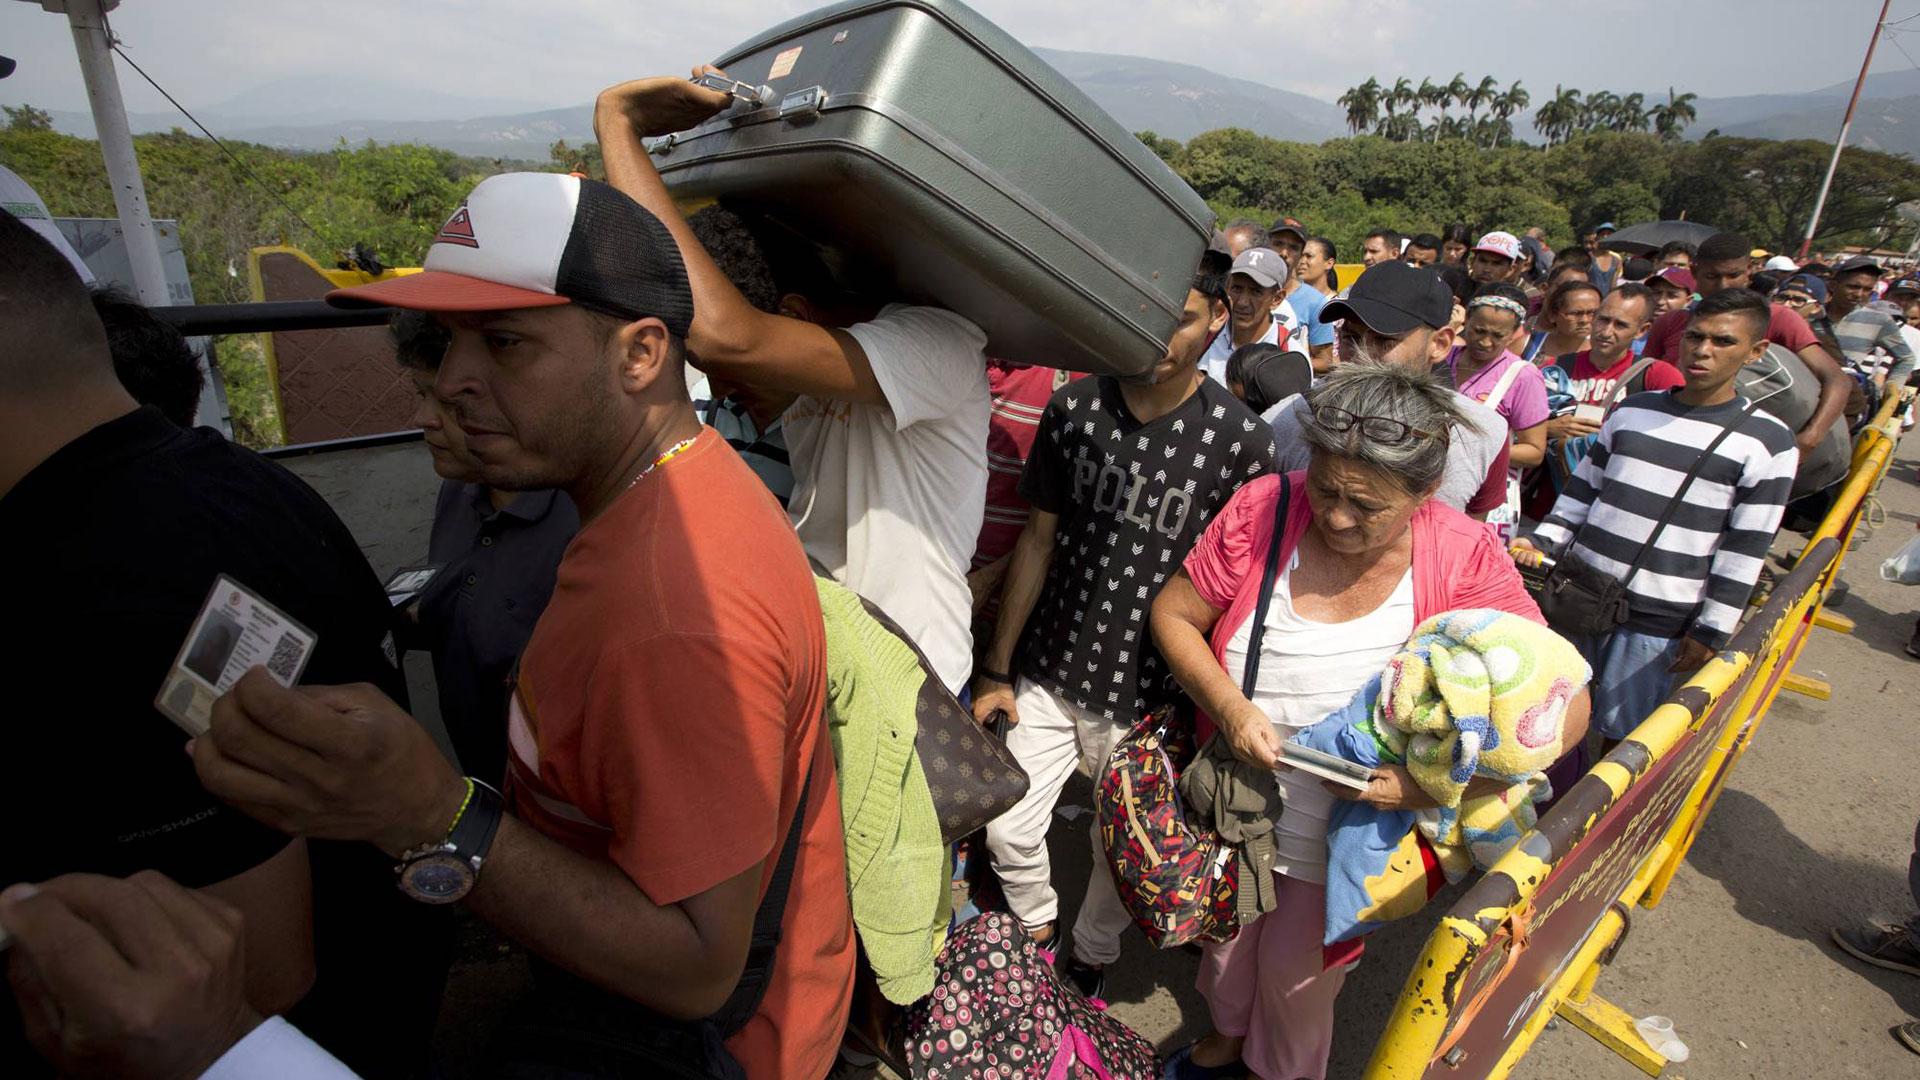 Miles de venezolanos huyen de su país (AP)